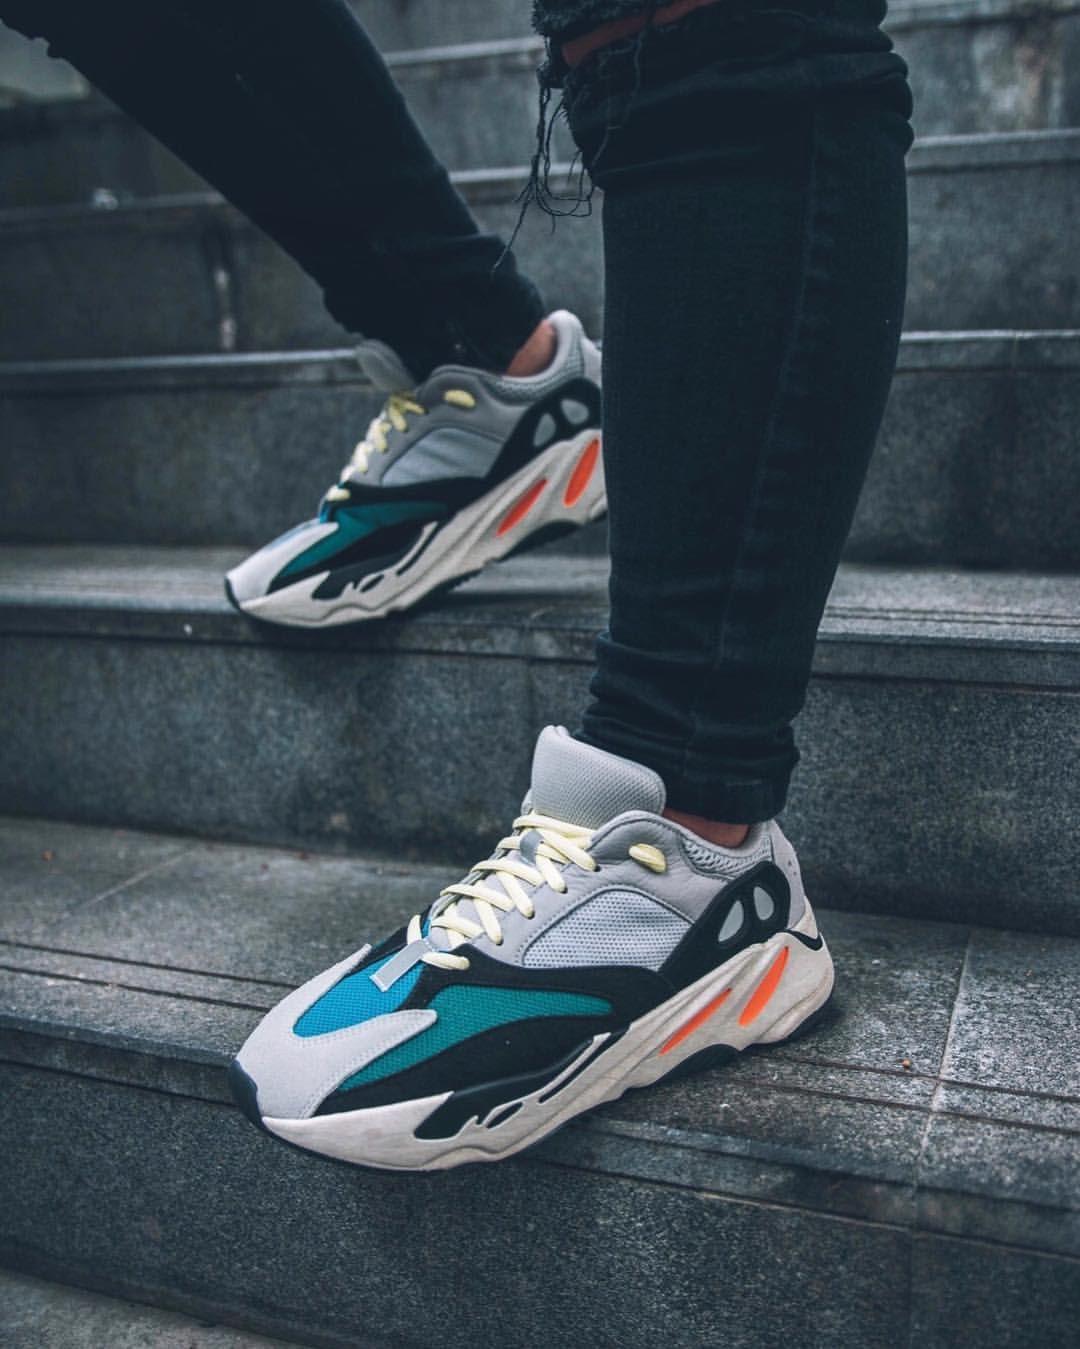 zapatos adidas nuevos 2018 juveniles